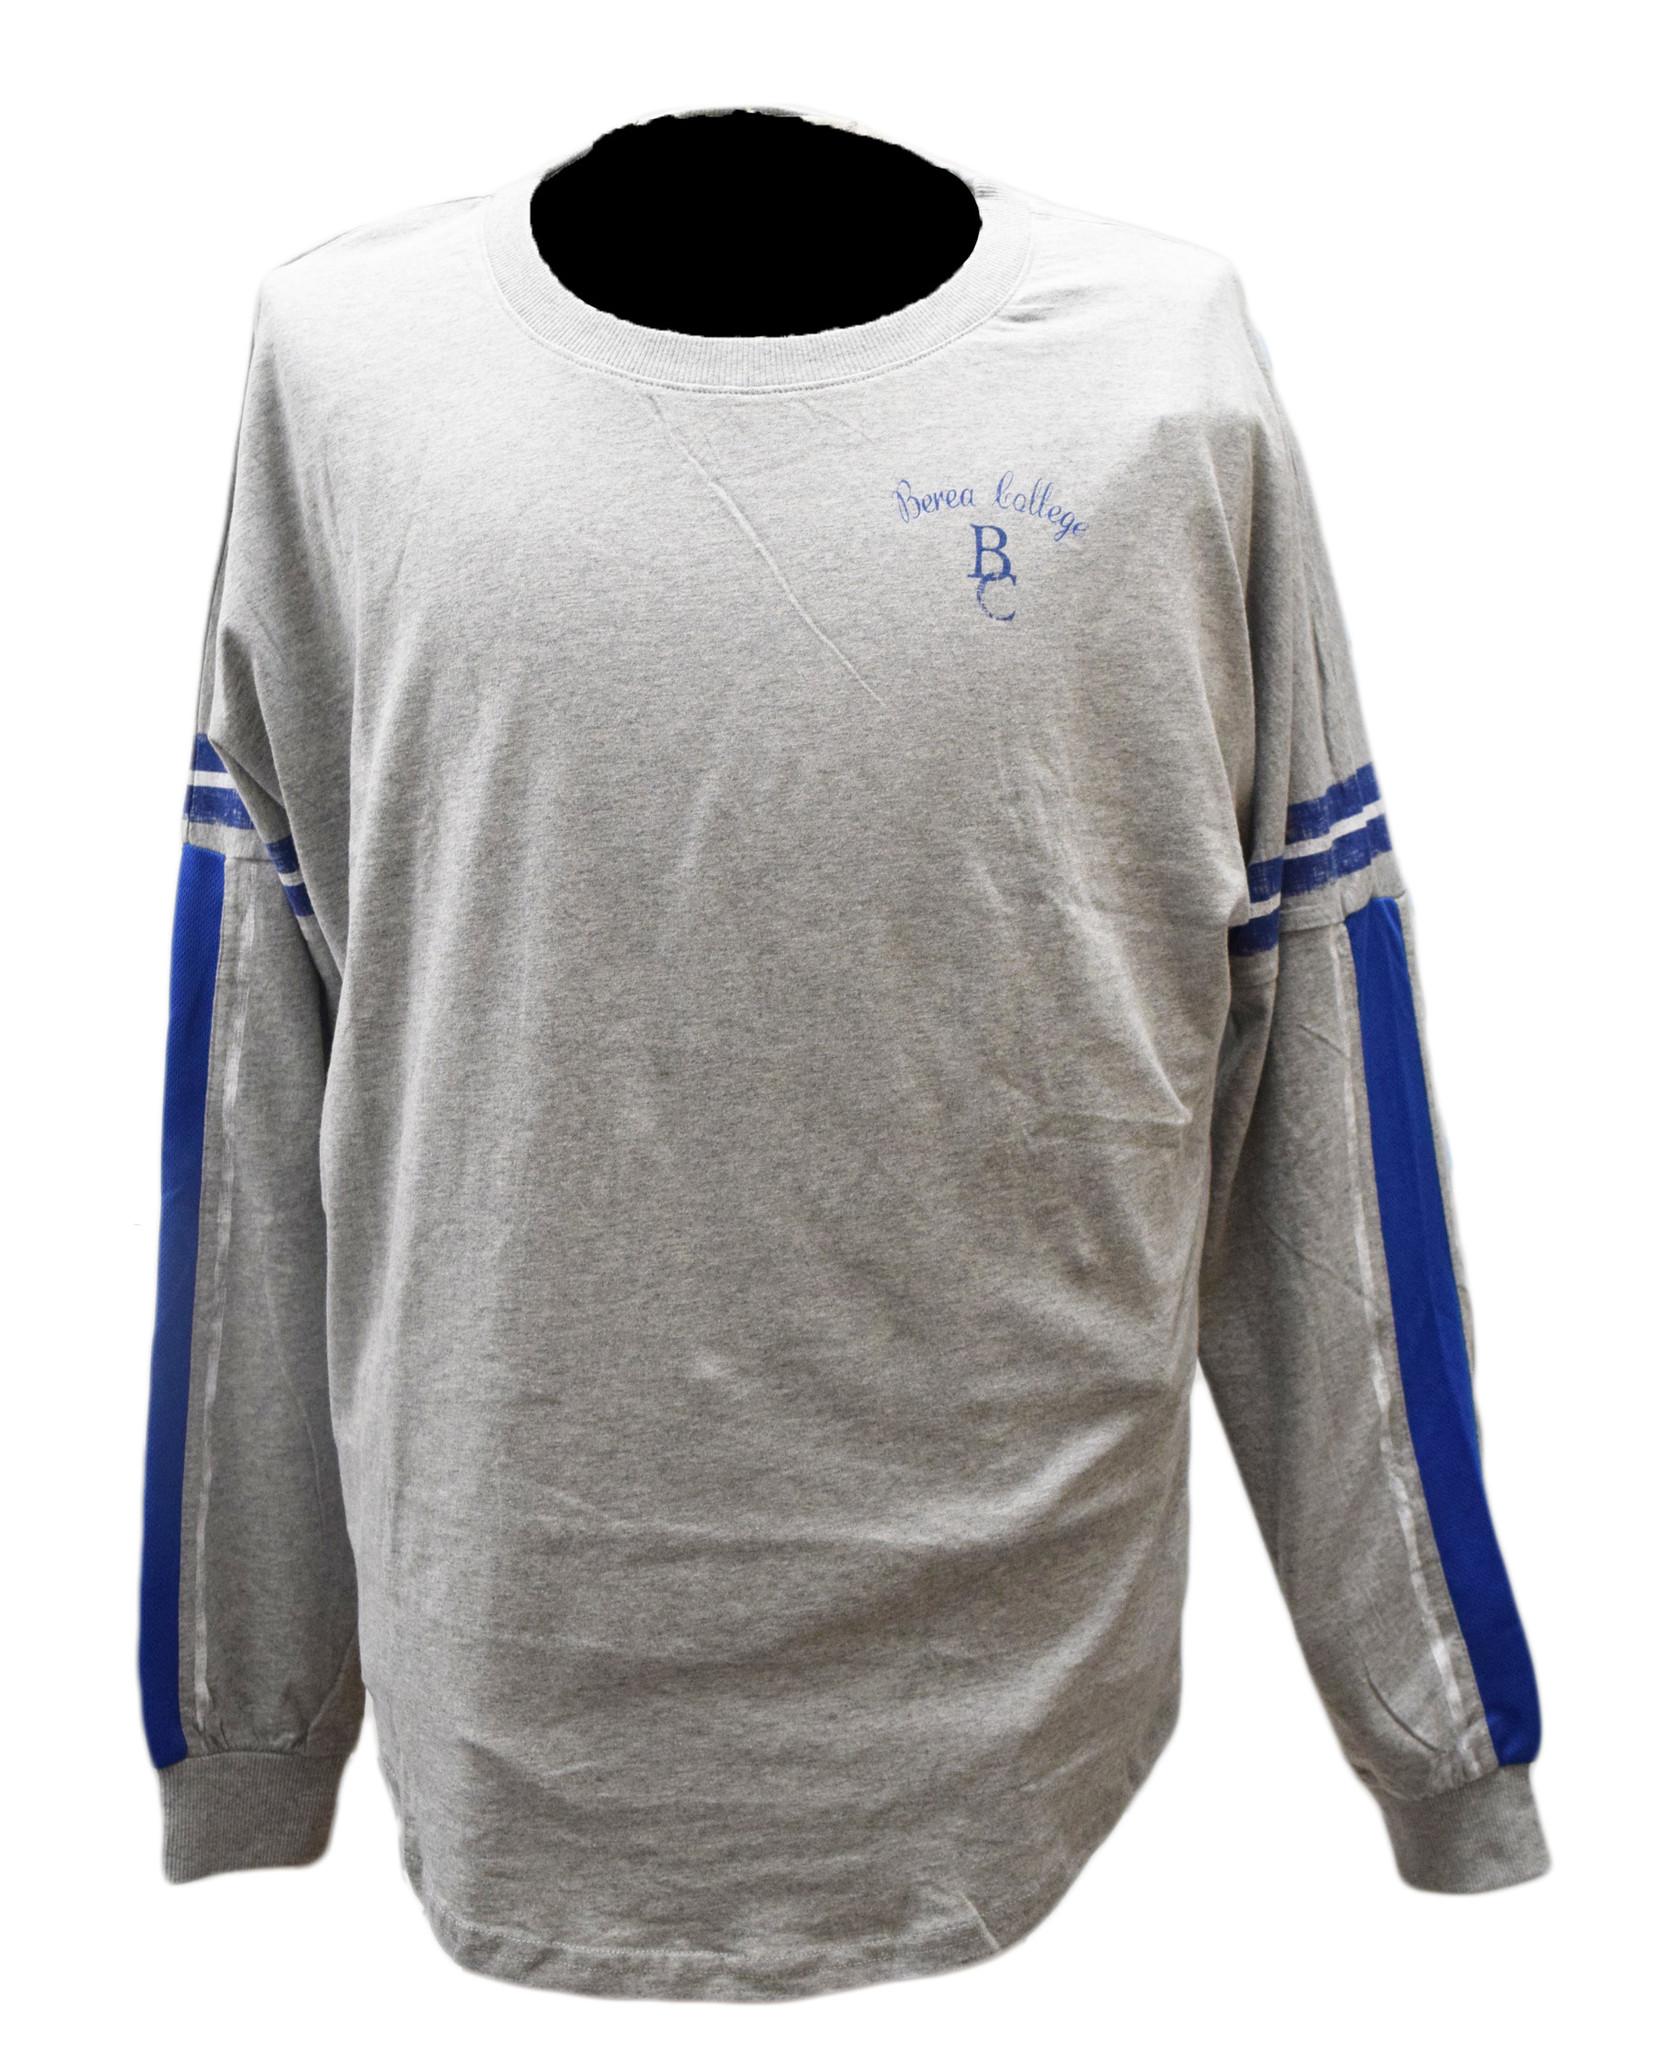 Berea College BC Sweatshirt-1